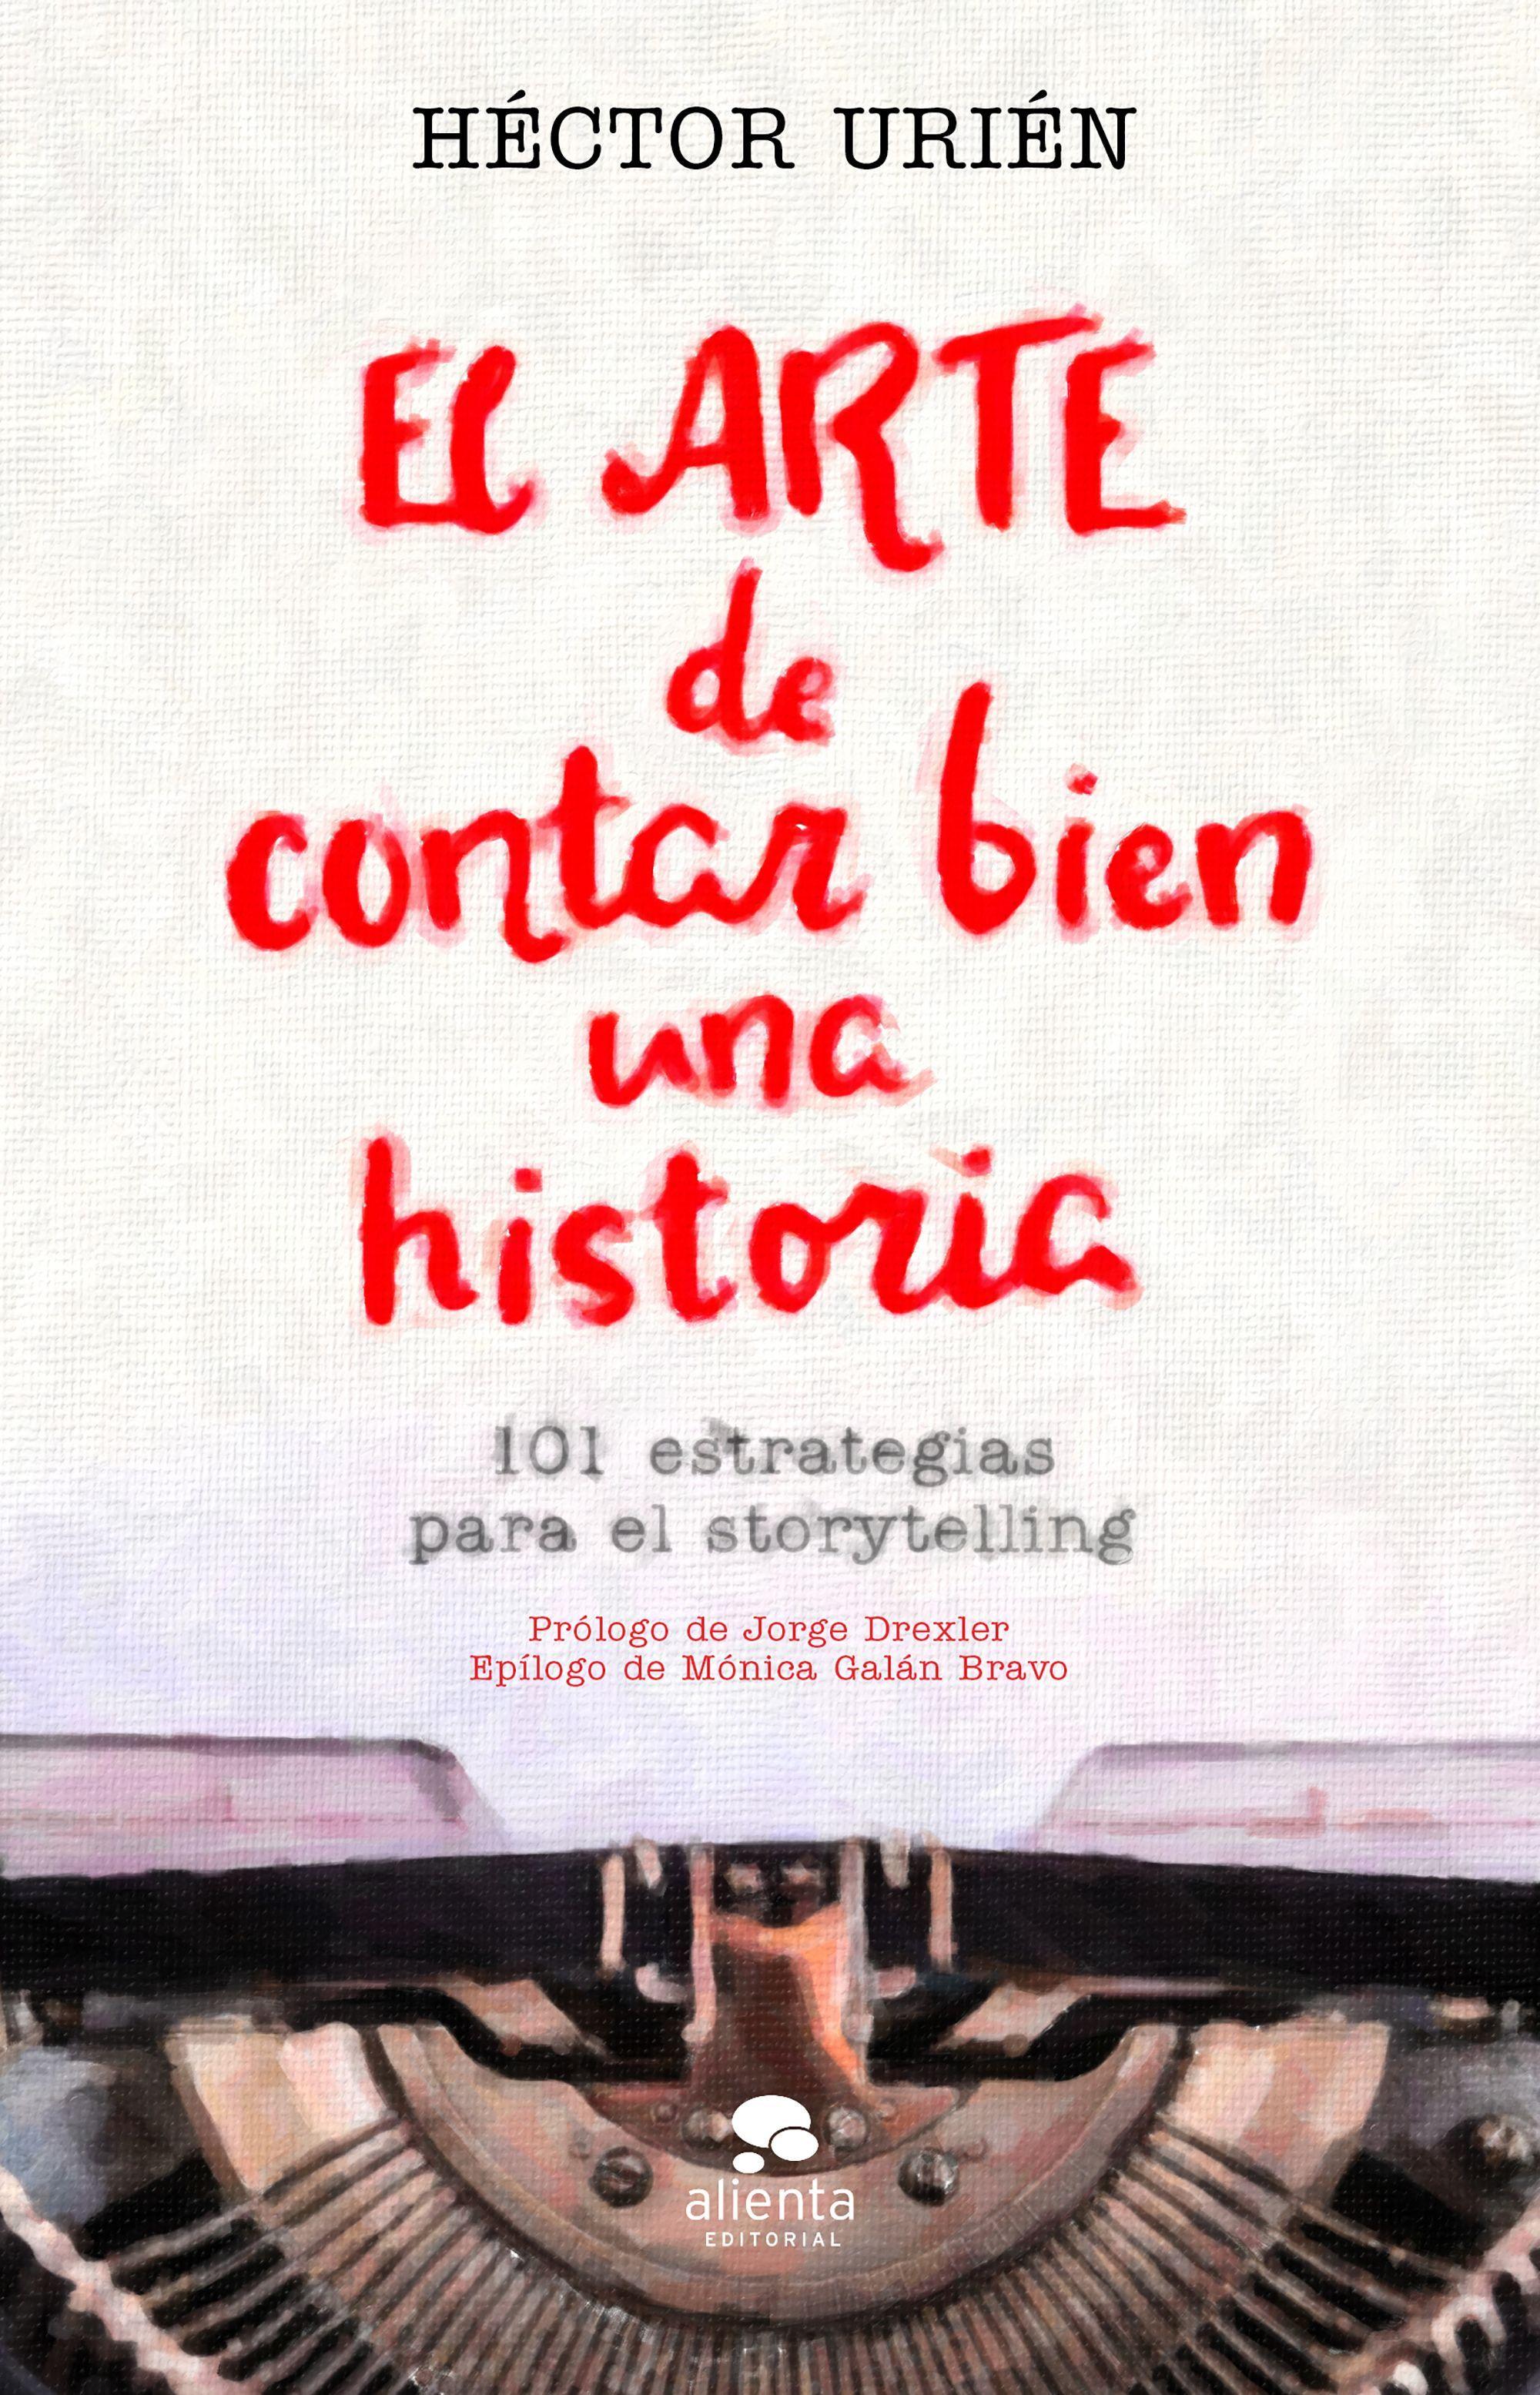 ARTE DE CONTAR BIEN UNA HISTORIA